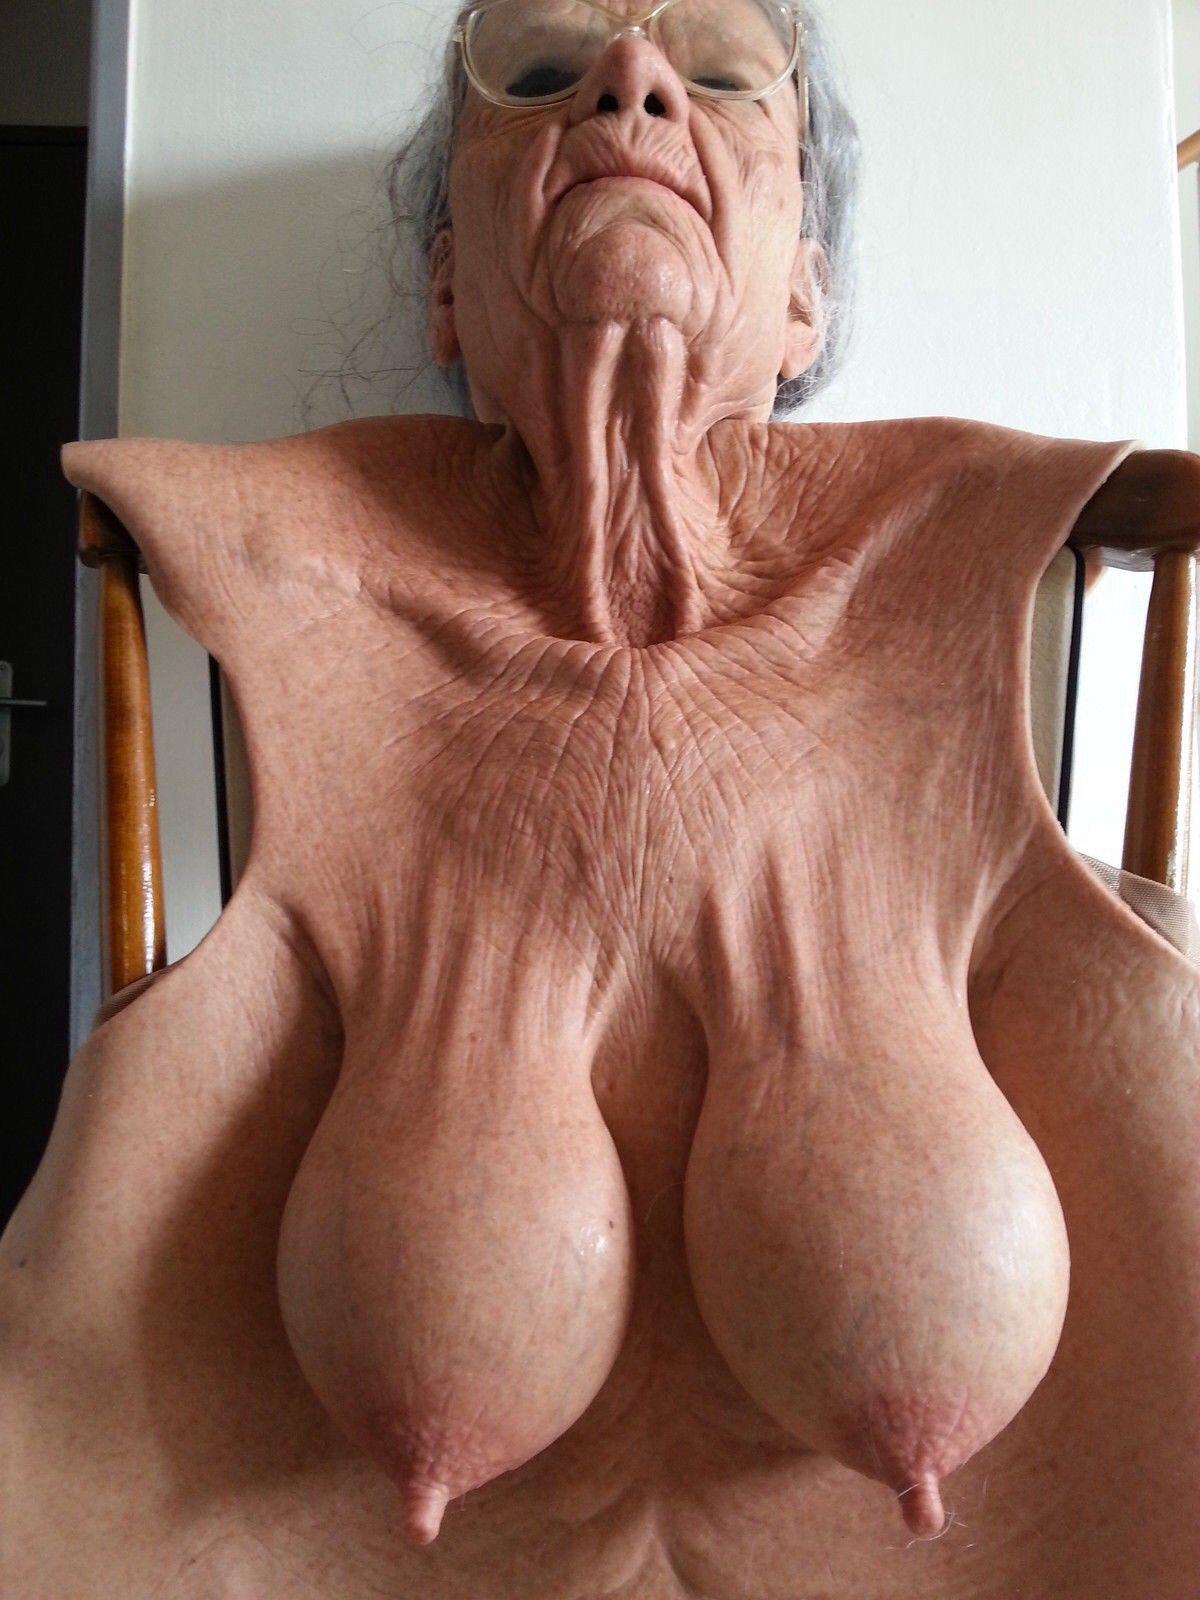 Бальшие сиськы толстых пожылых бабушек фото фото 575-803